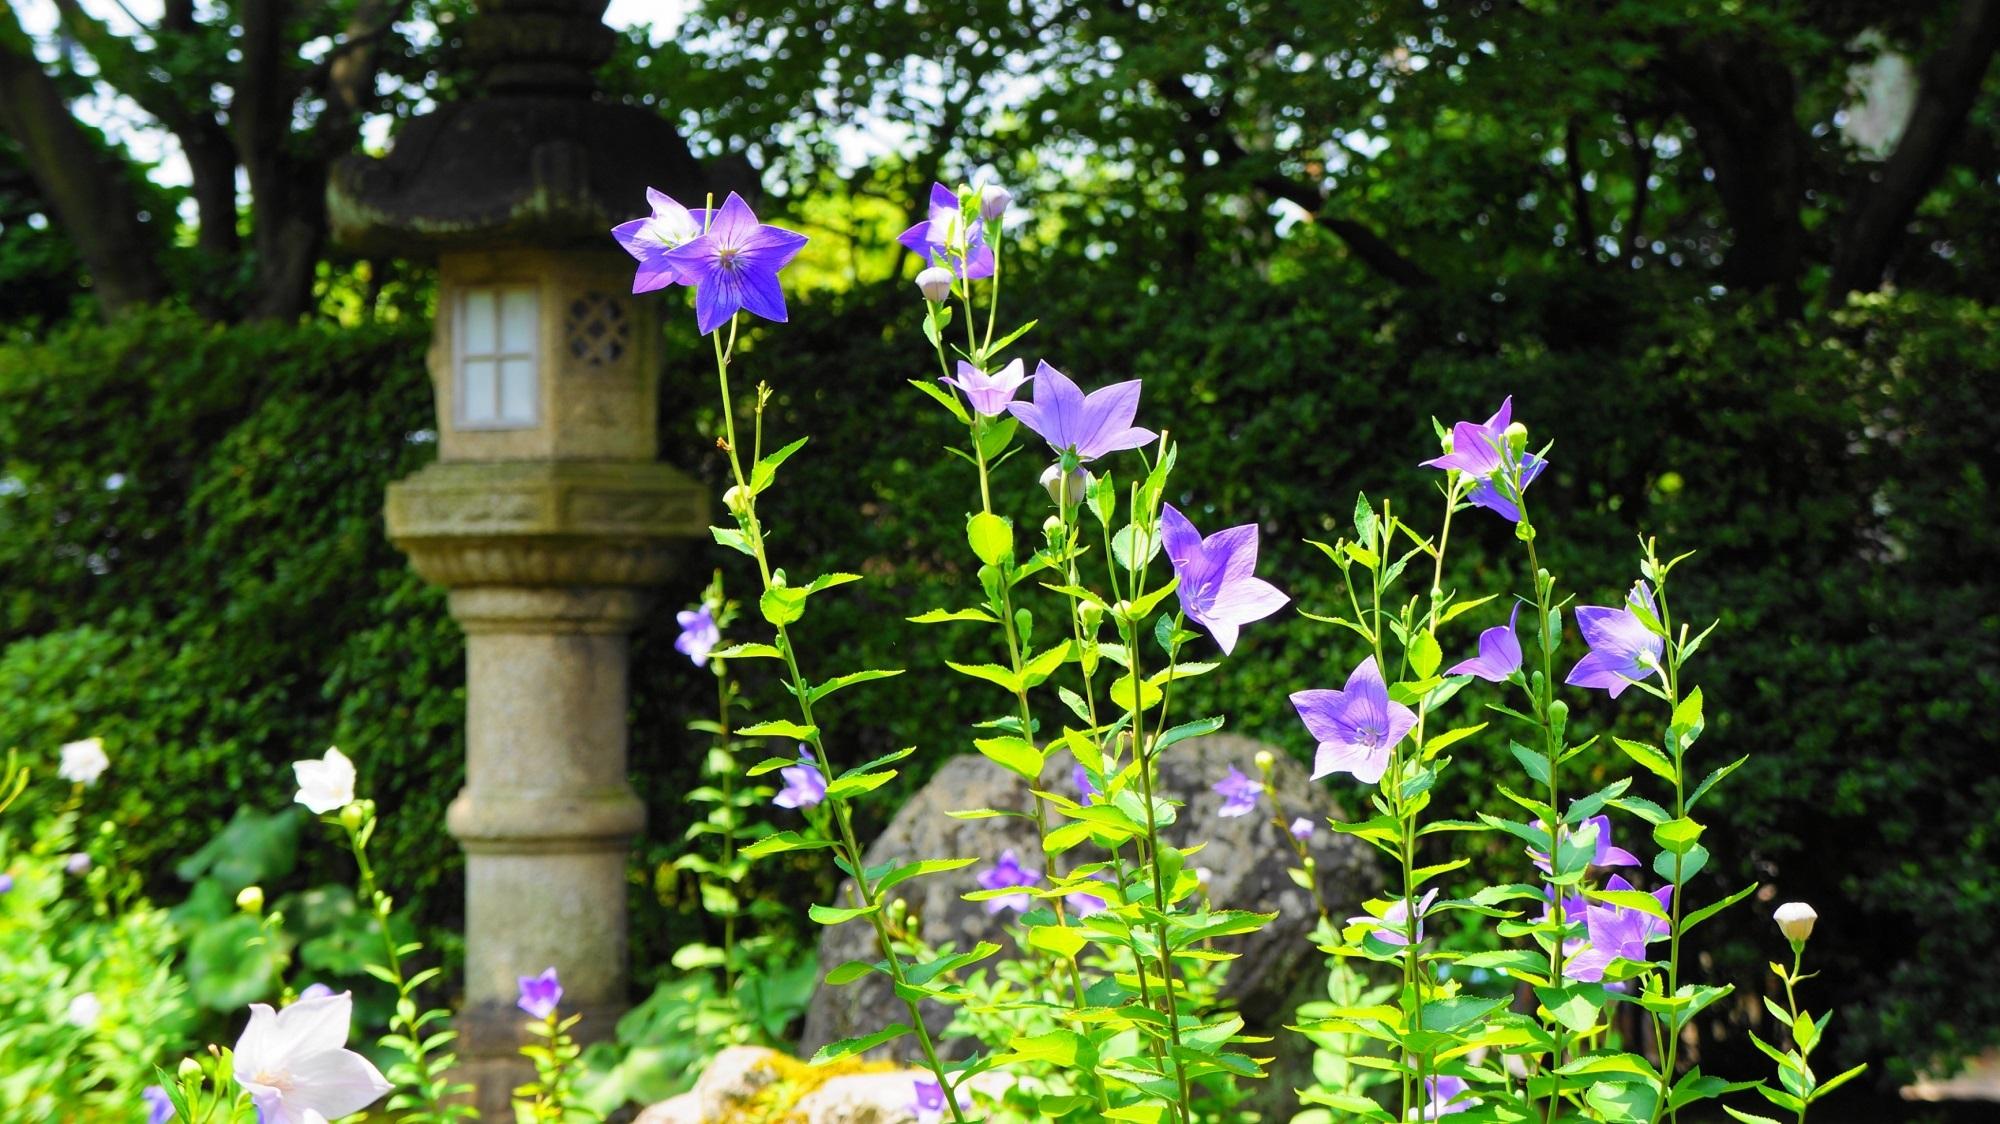 紫と白の初夏の彩り 東福寺 天得院のキキョウ